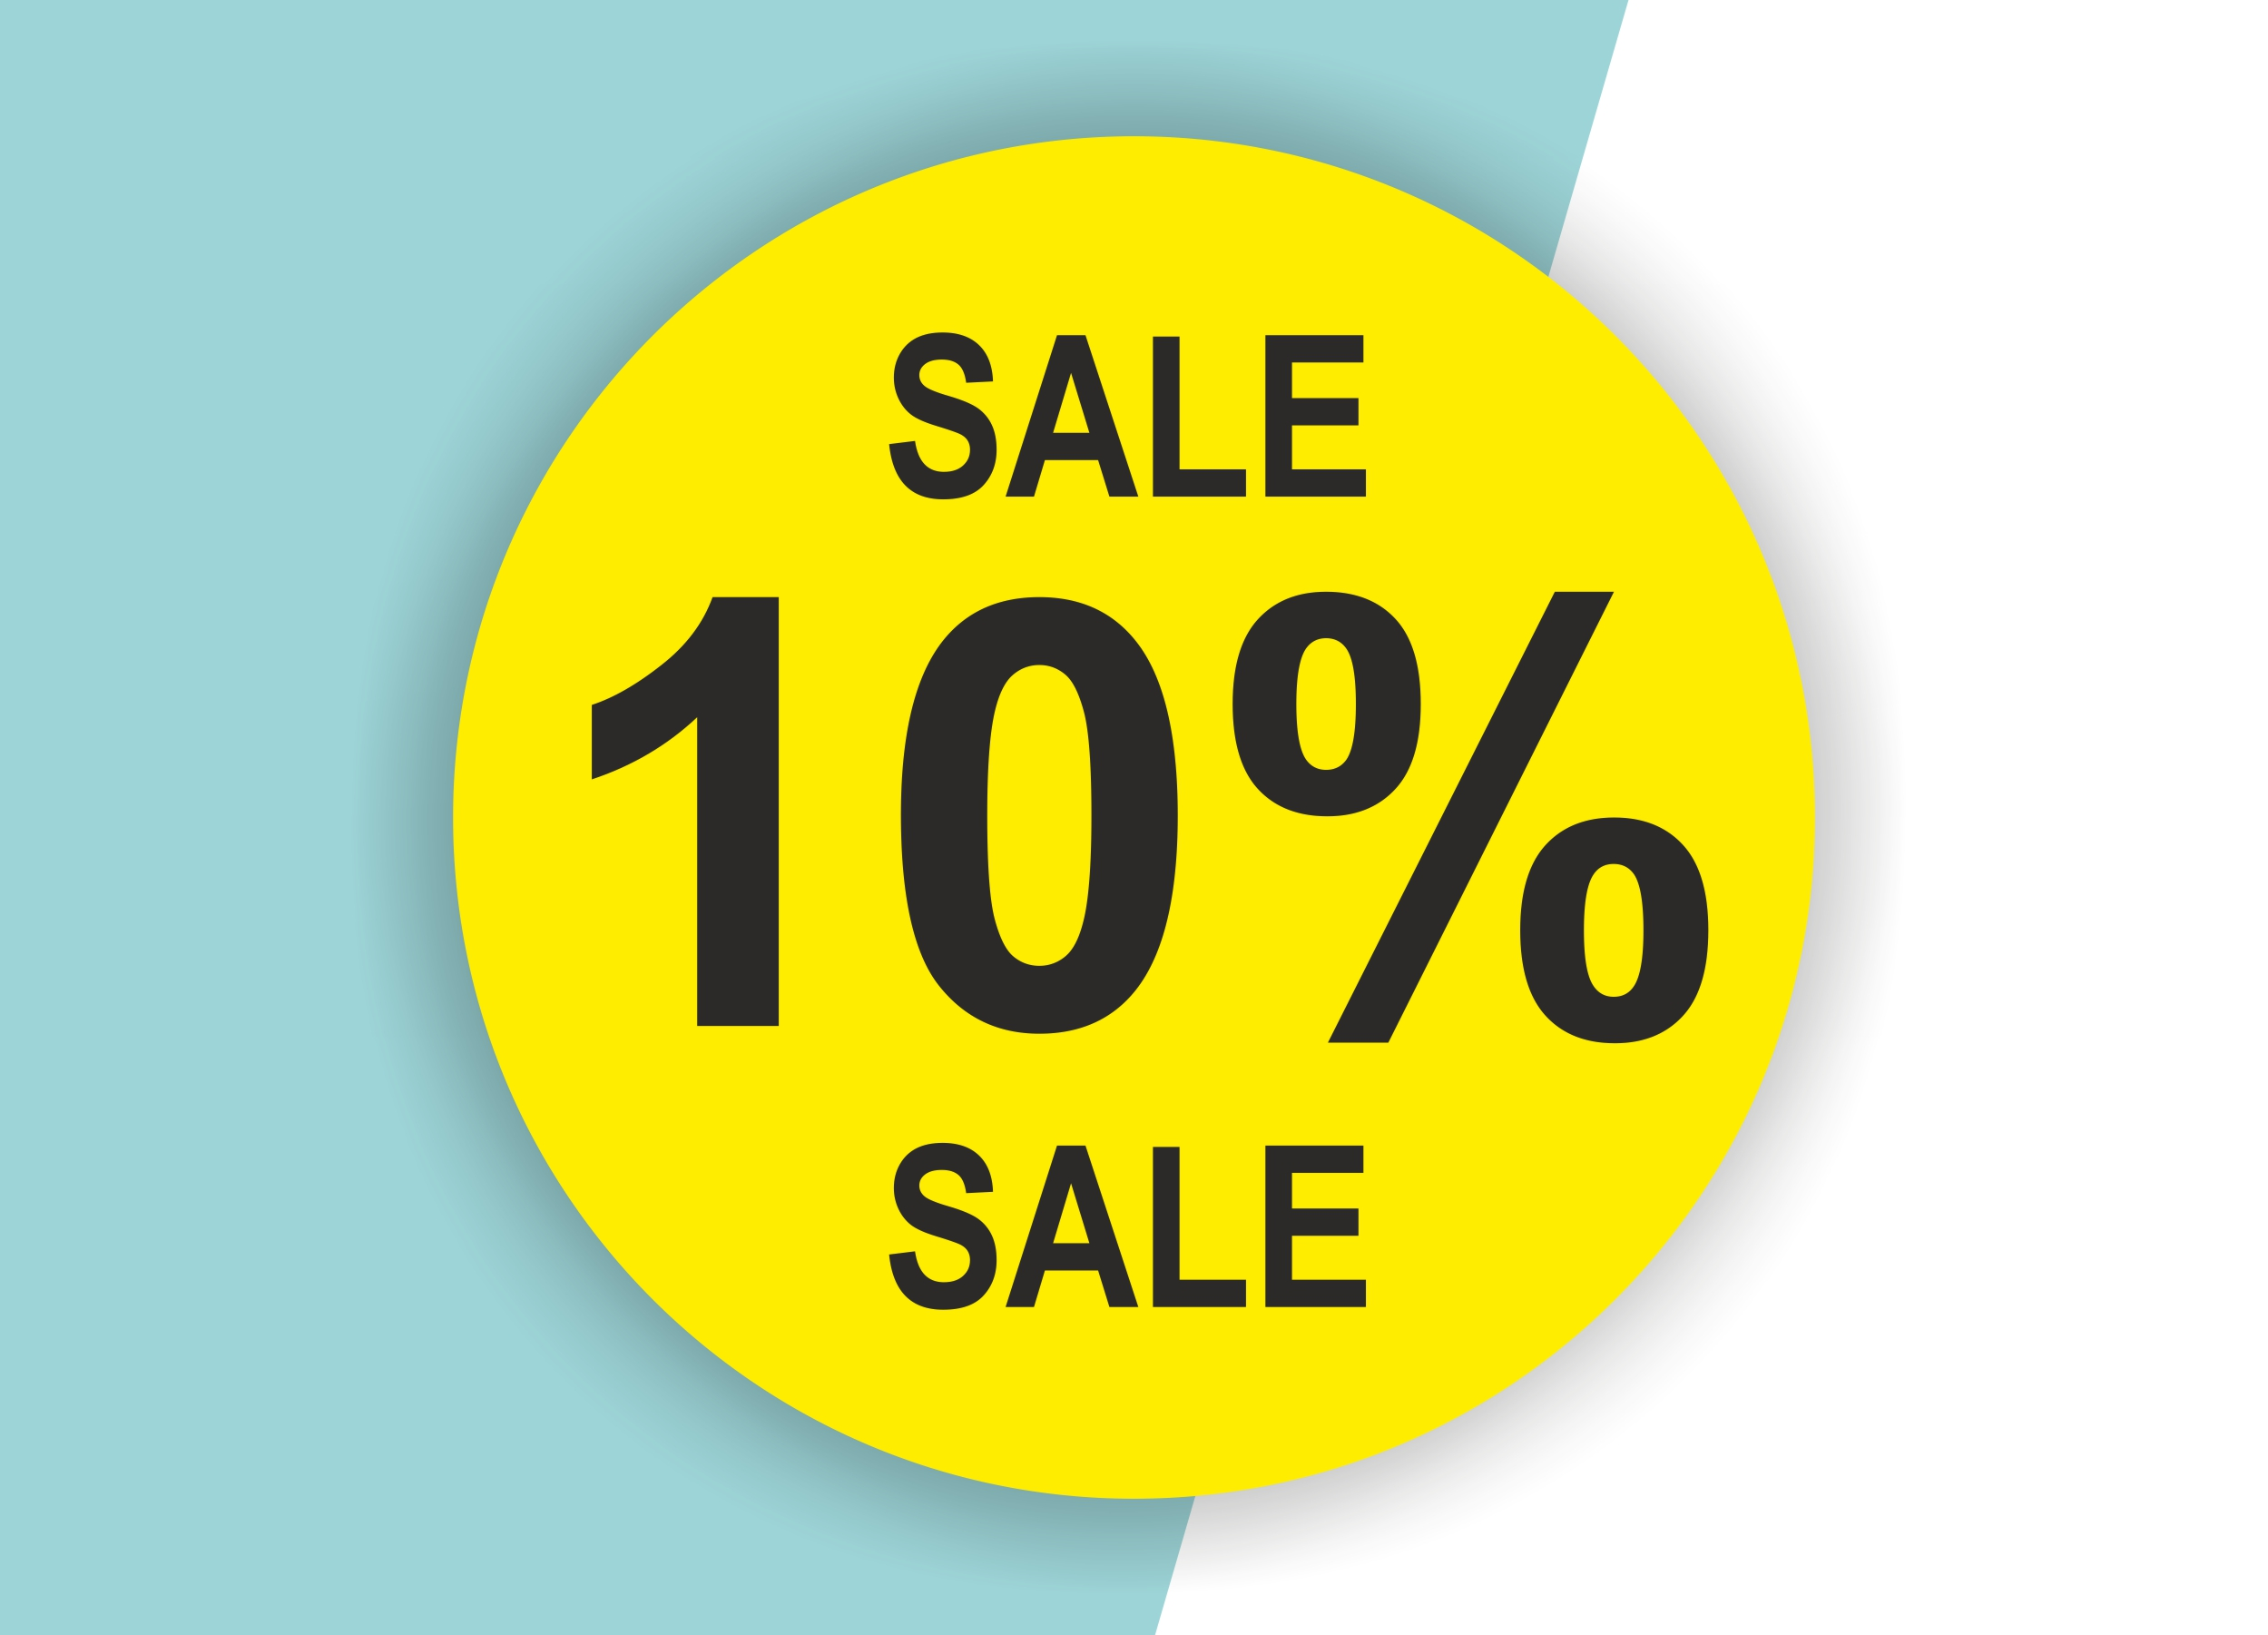 10% SALE Aufkleber Schaufenster Rabatt Ausverkauf Schlussverkauf SSV WSV % — Farbe: Gelb-Schwarz